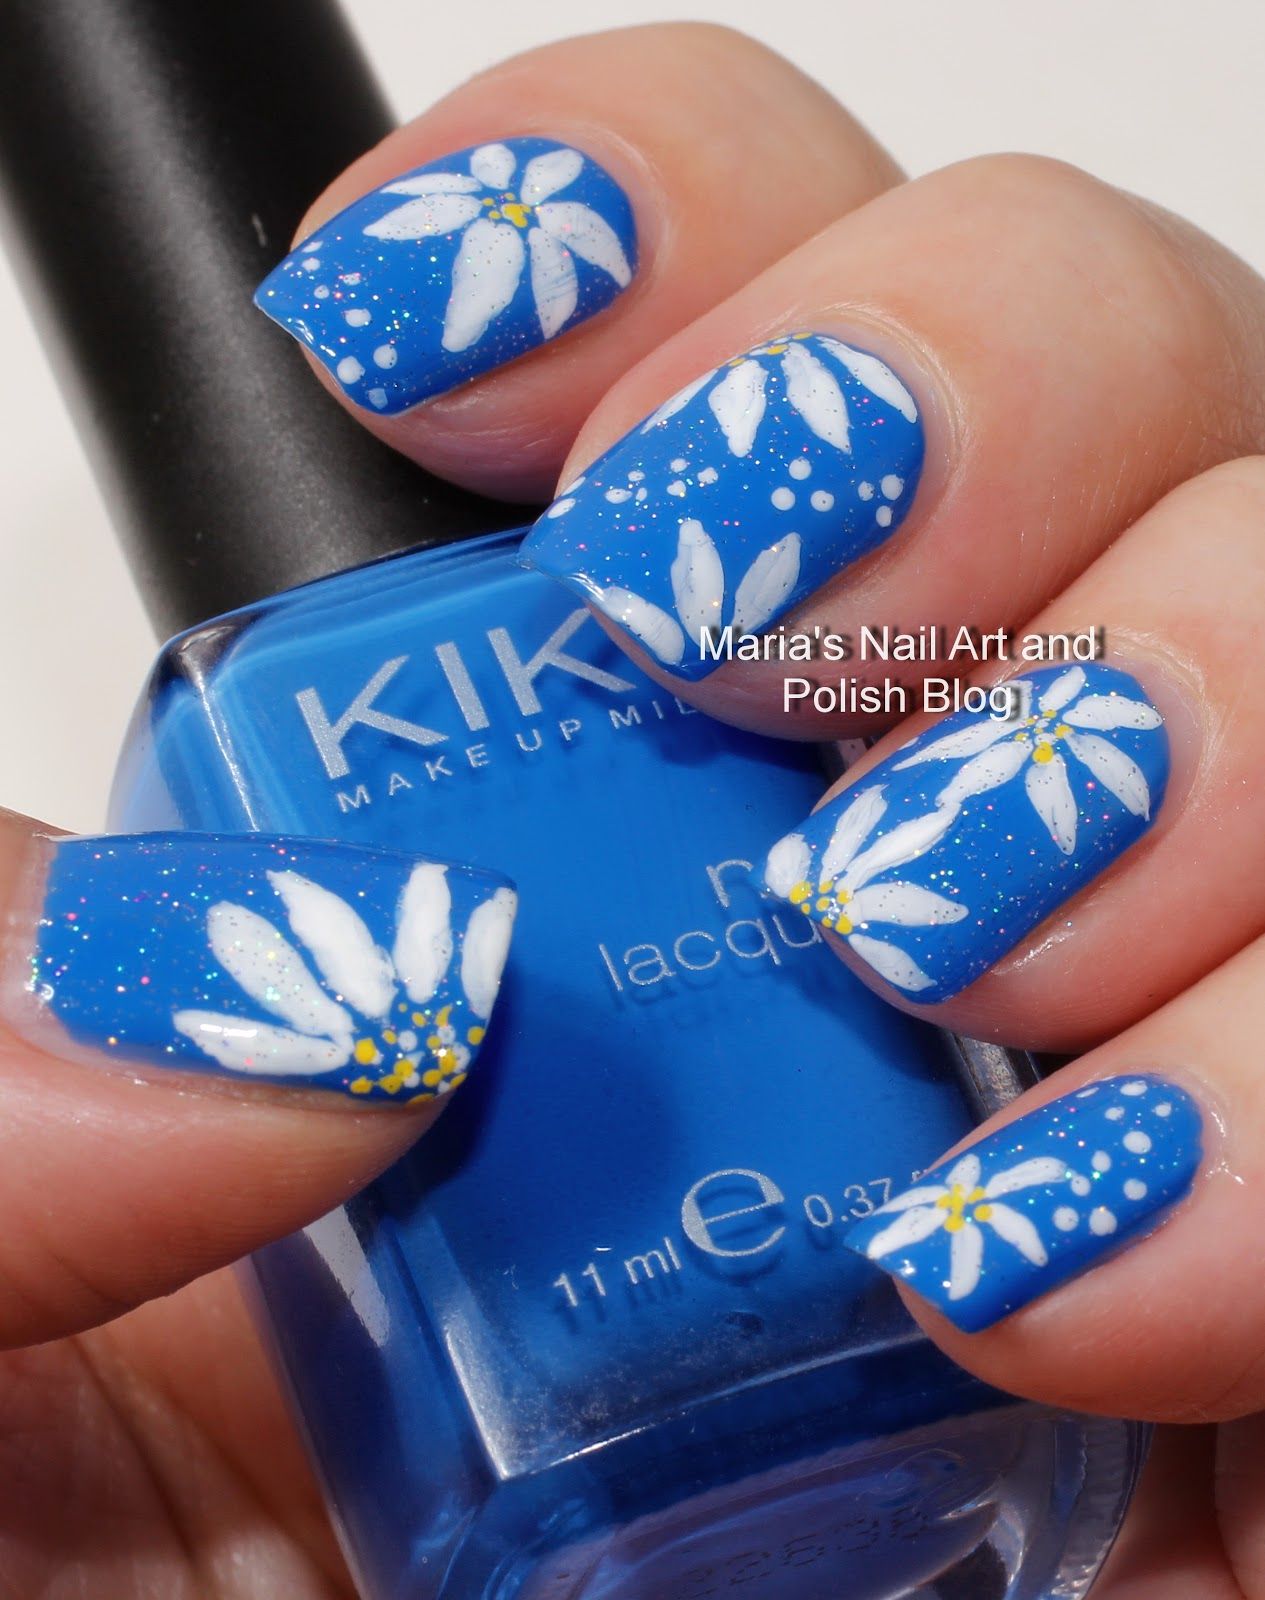 Marias nail art and polish blog daisy nail art on blue daisy nail art on blue prinsesfo Gallery